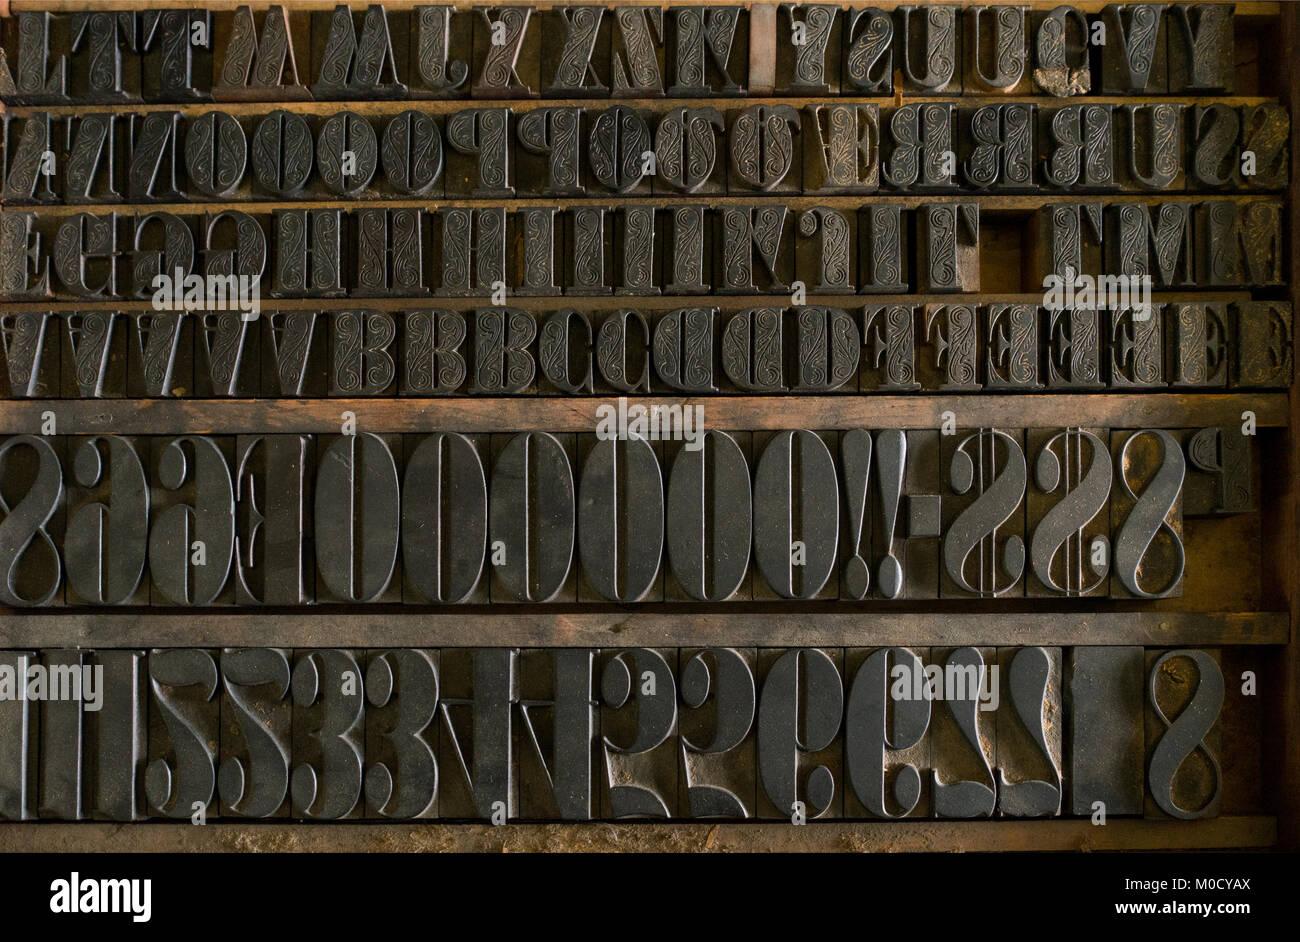 Printing Press Machine 19th Century Stock Photos